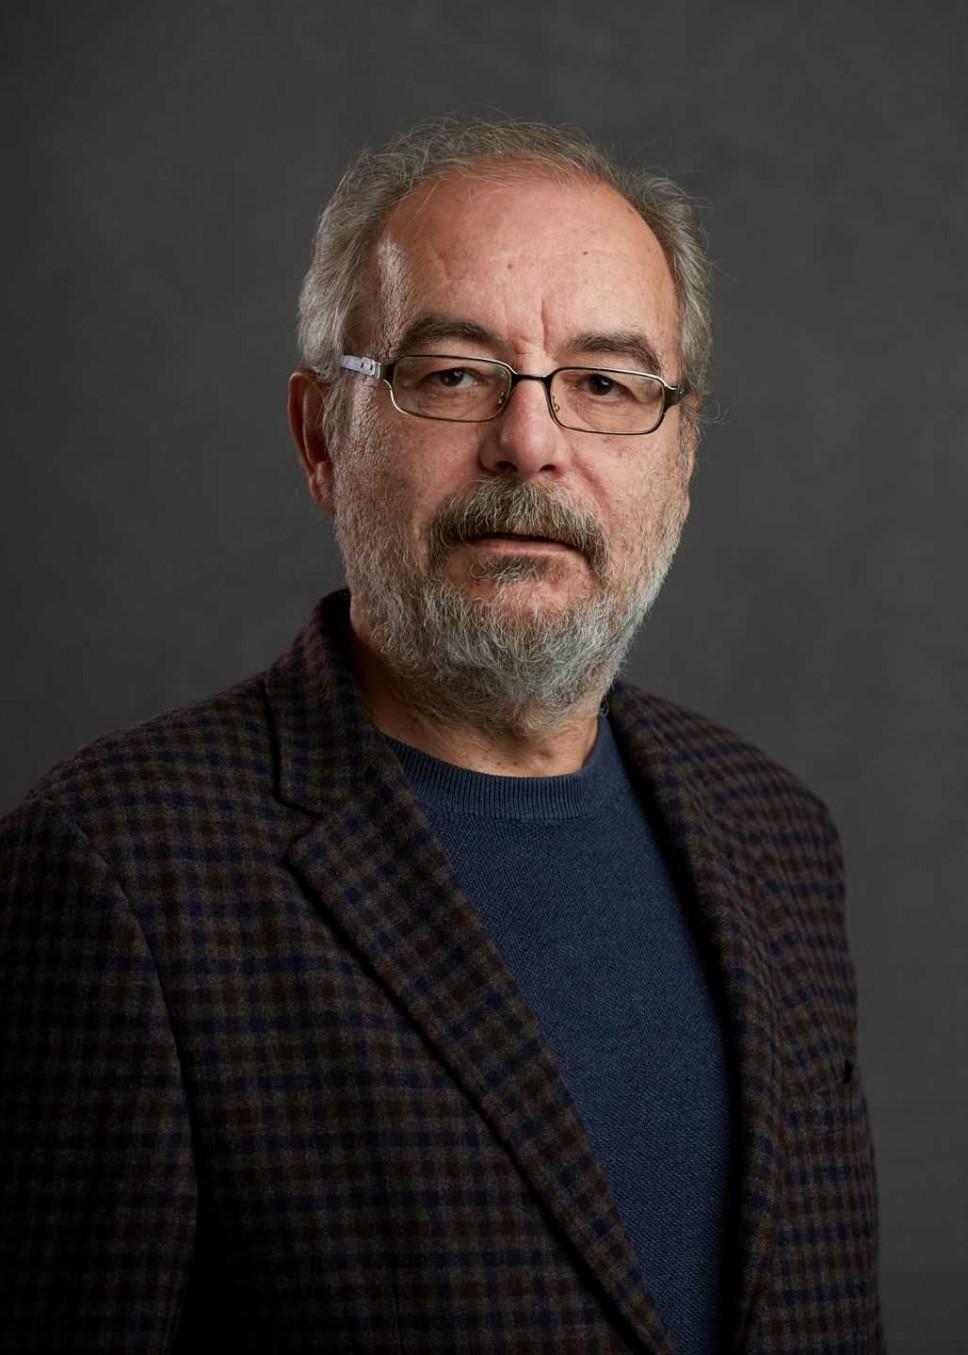 Biografija - Pajković Vladimir